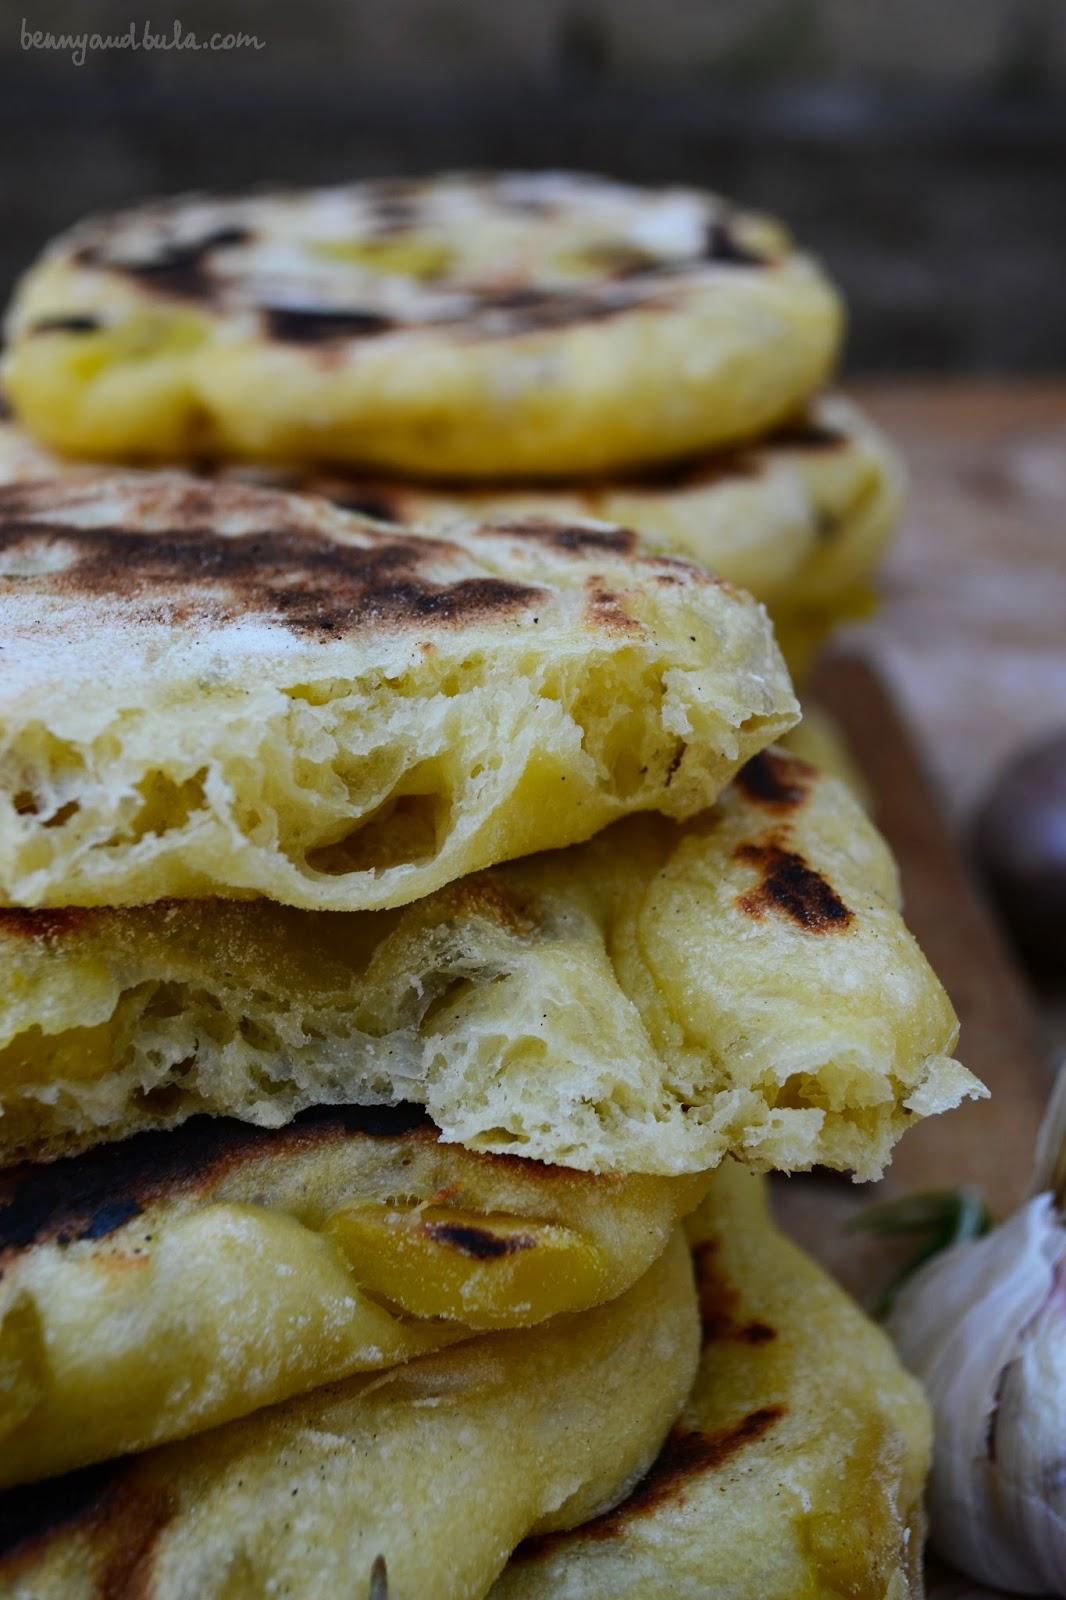 focaccia di semola con patate/ semolina flatbread with potatoes